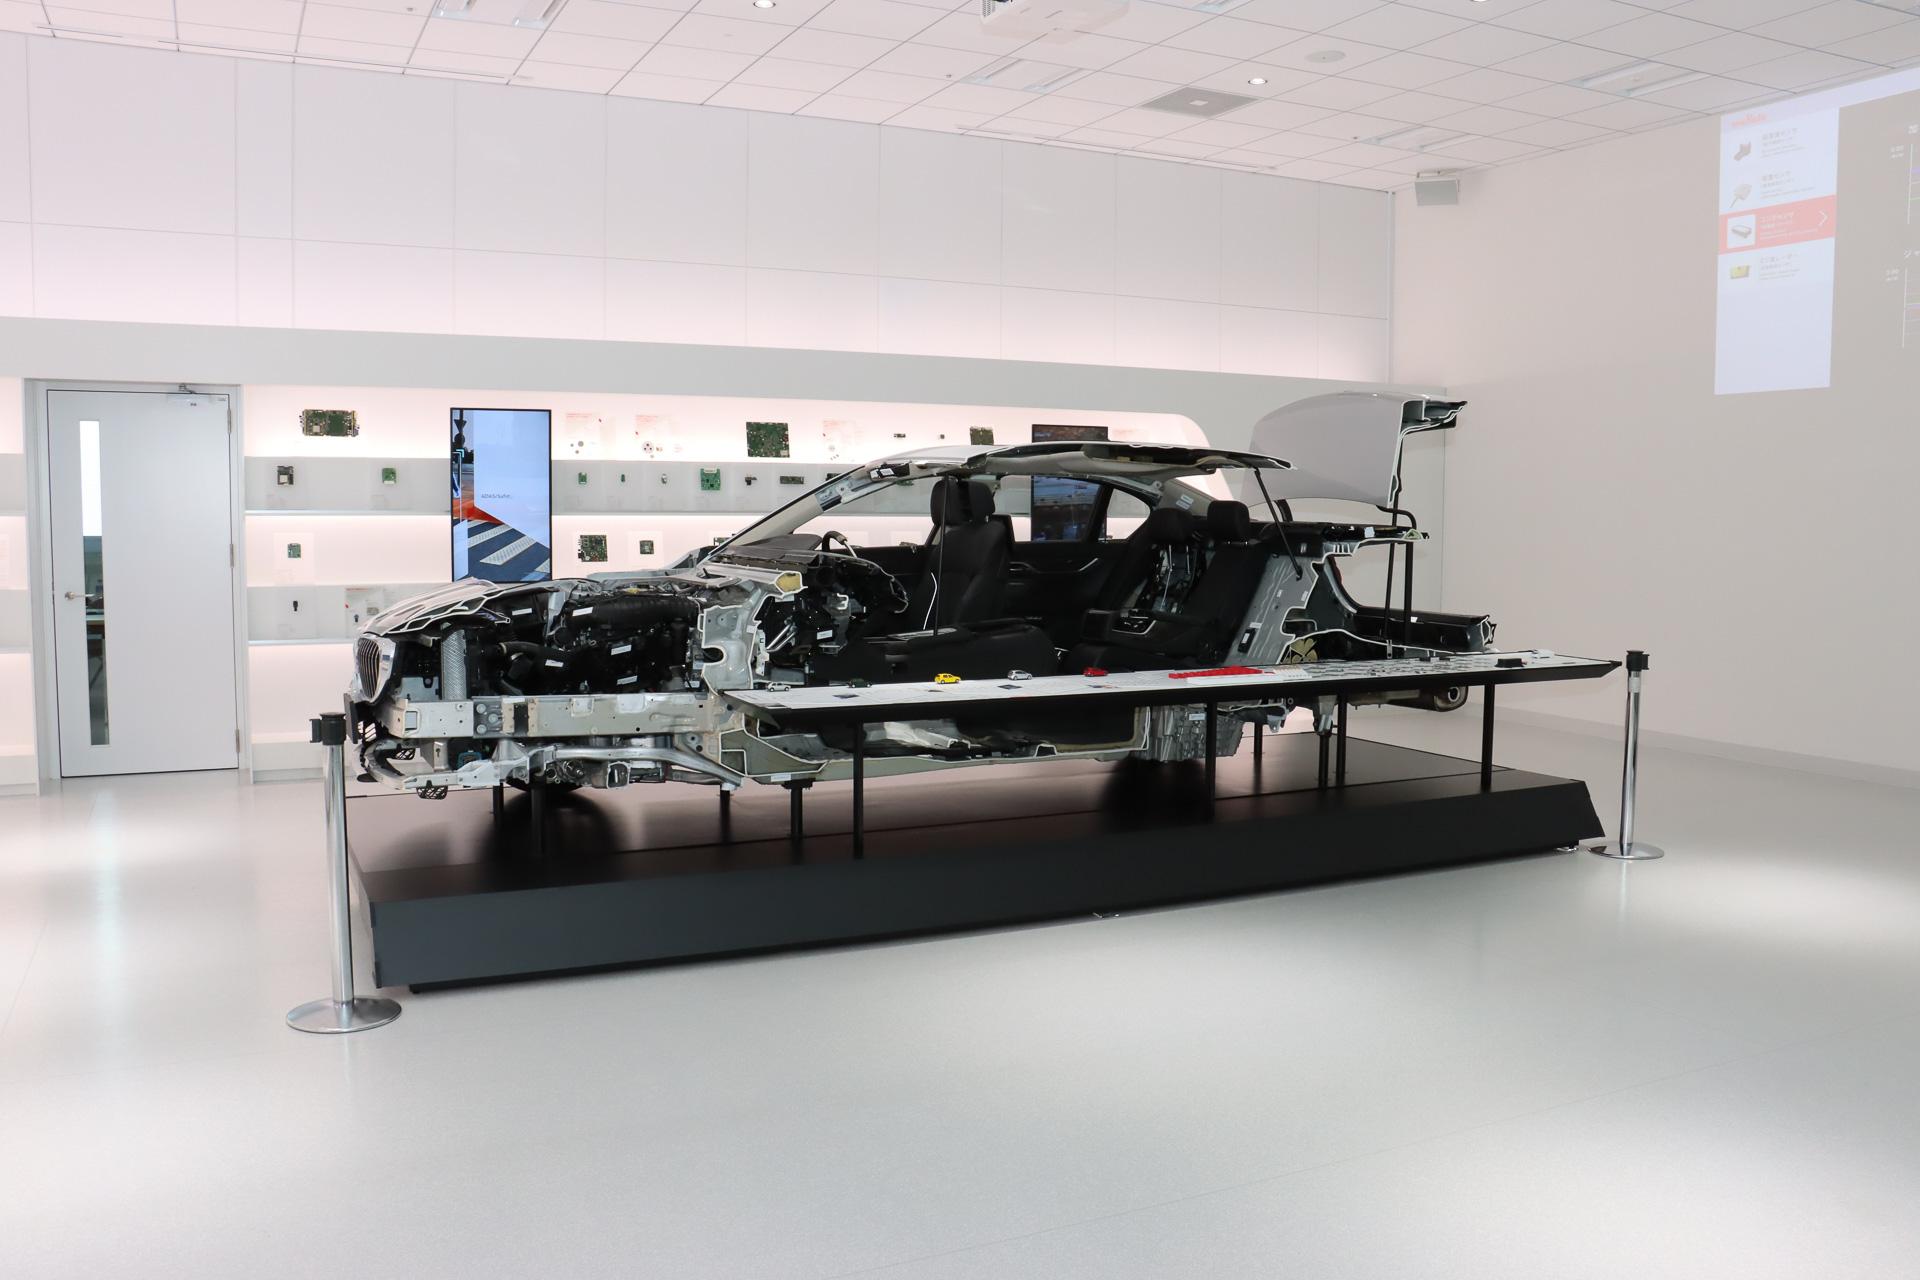 スペース中央に車両のカットモデルをシンボリックに置くことで、同社が自動車市場に本気で取り組んでいる姿勢を表現